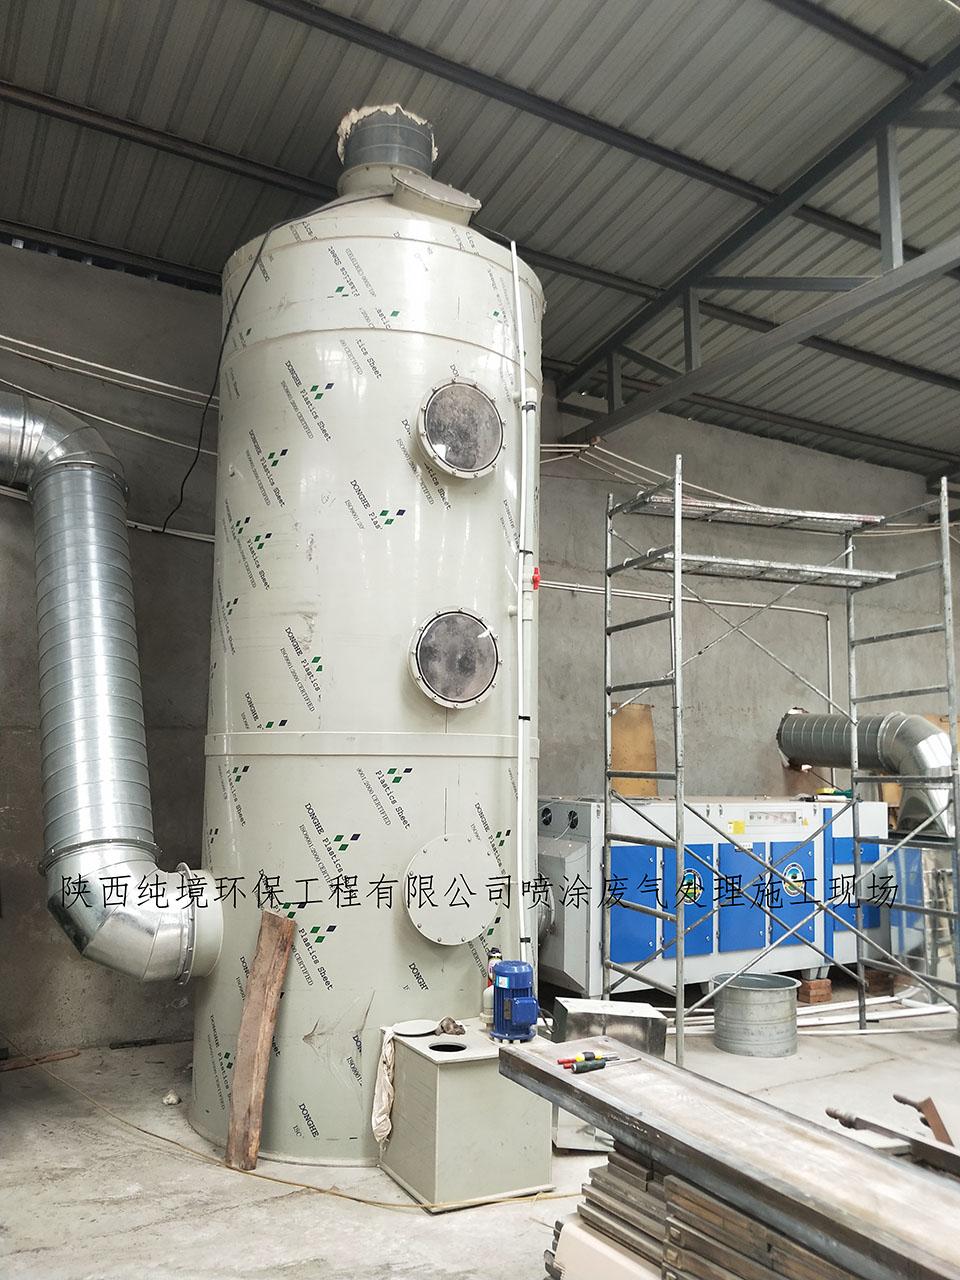 陕西某海游艺有限公司喷涂车间废气处理案例